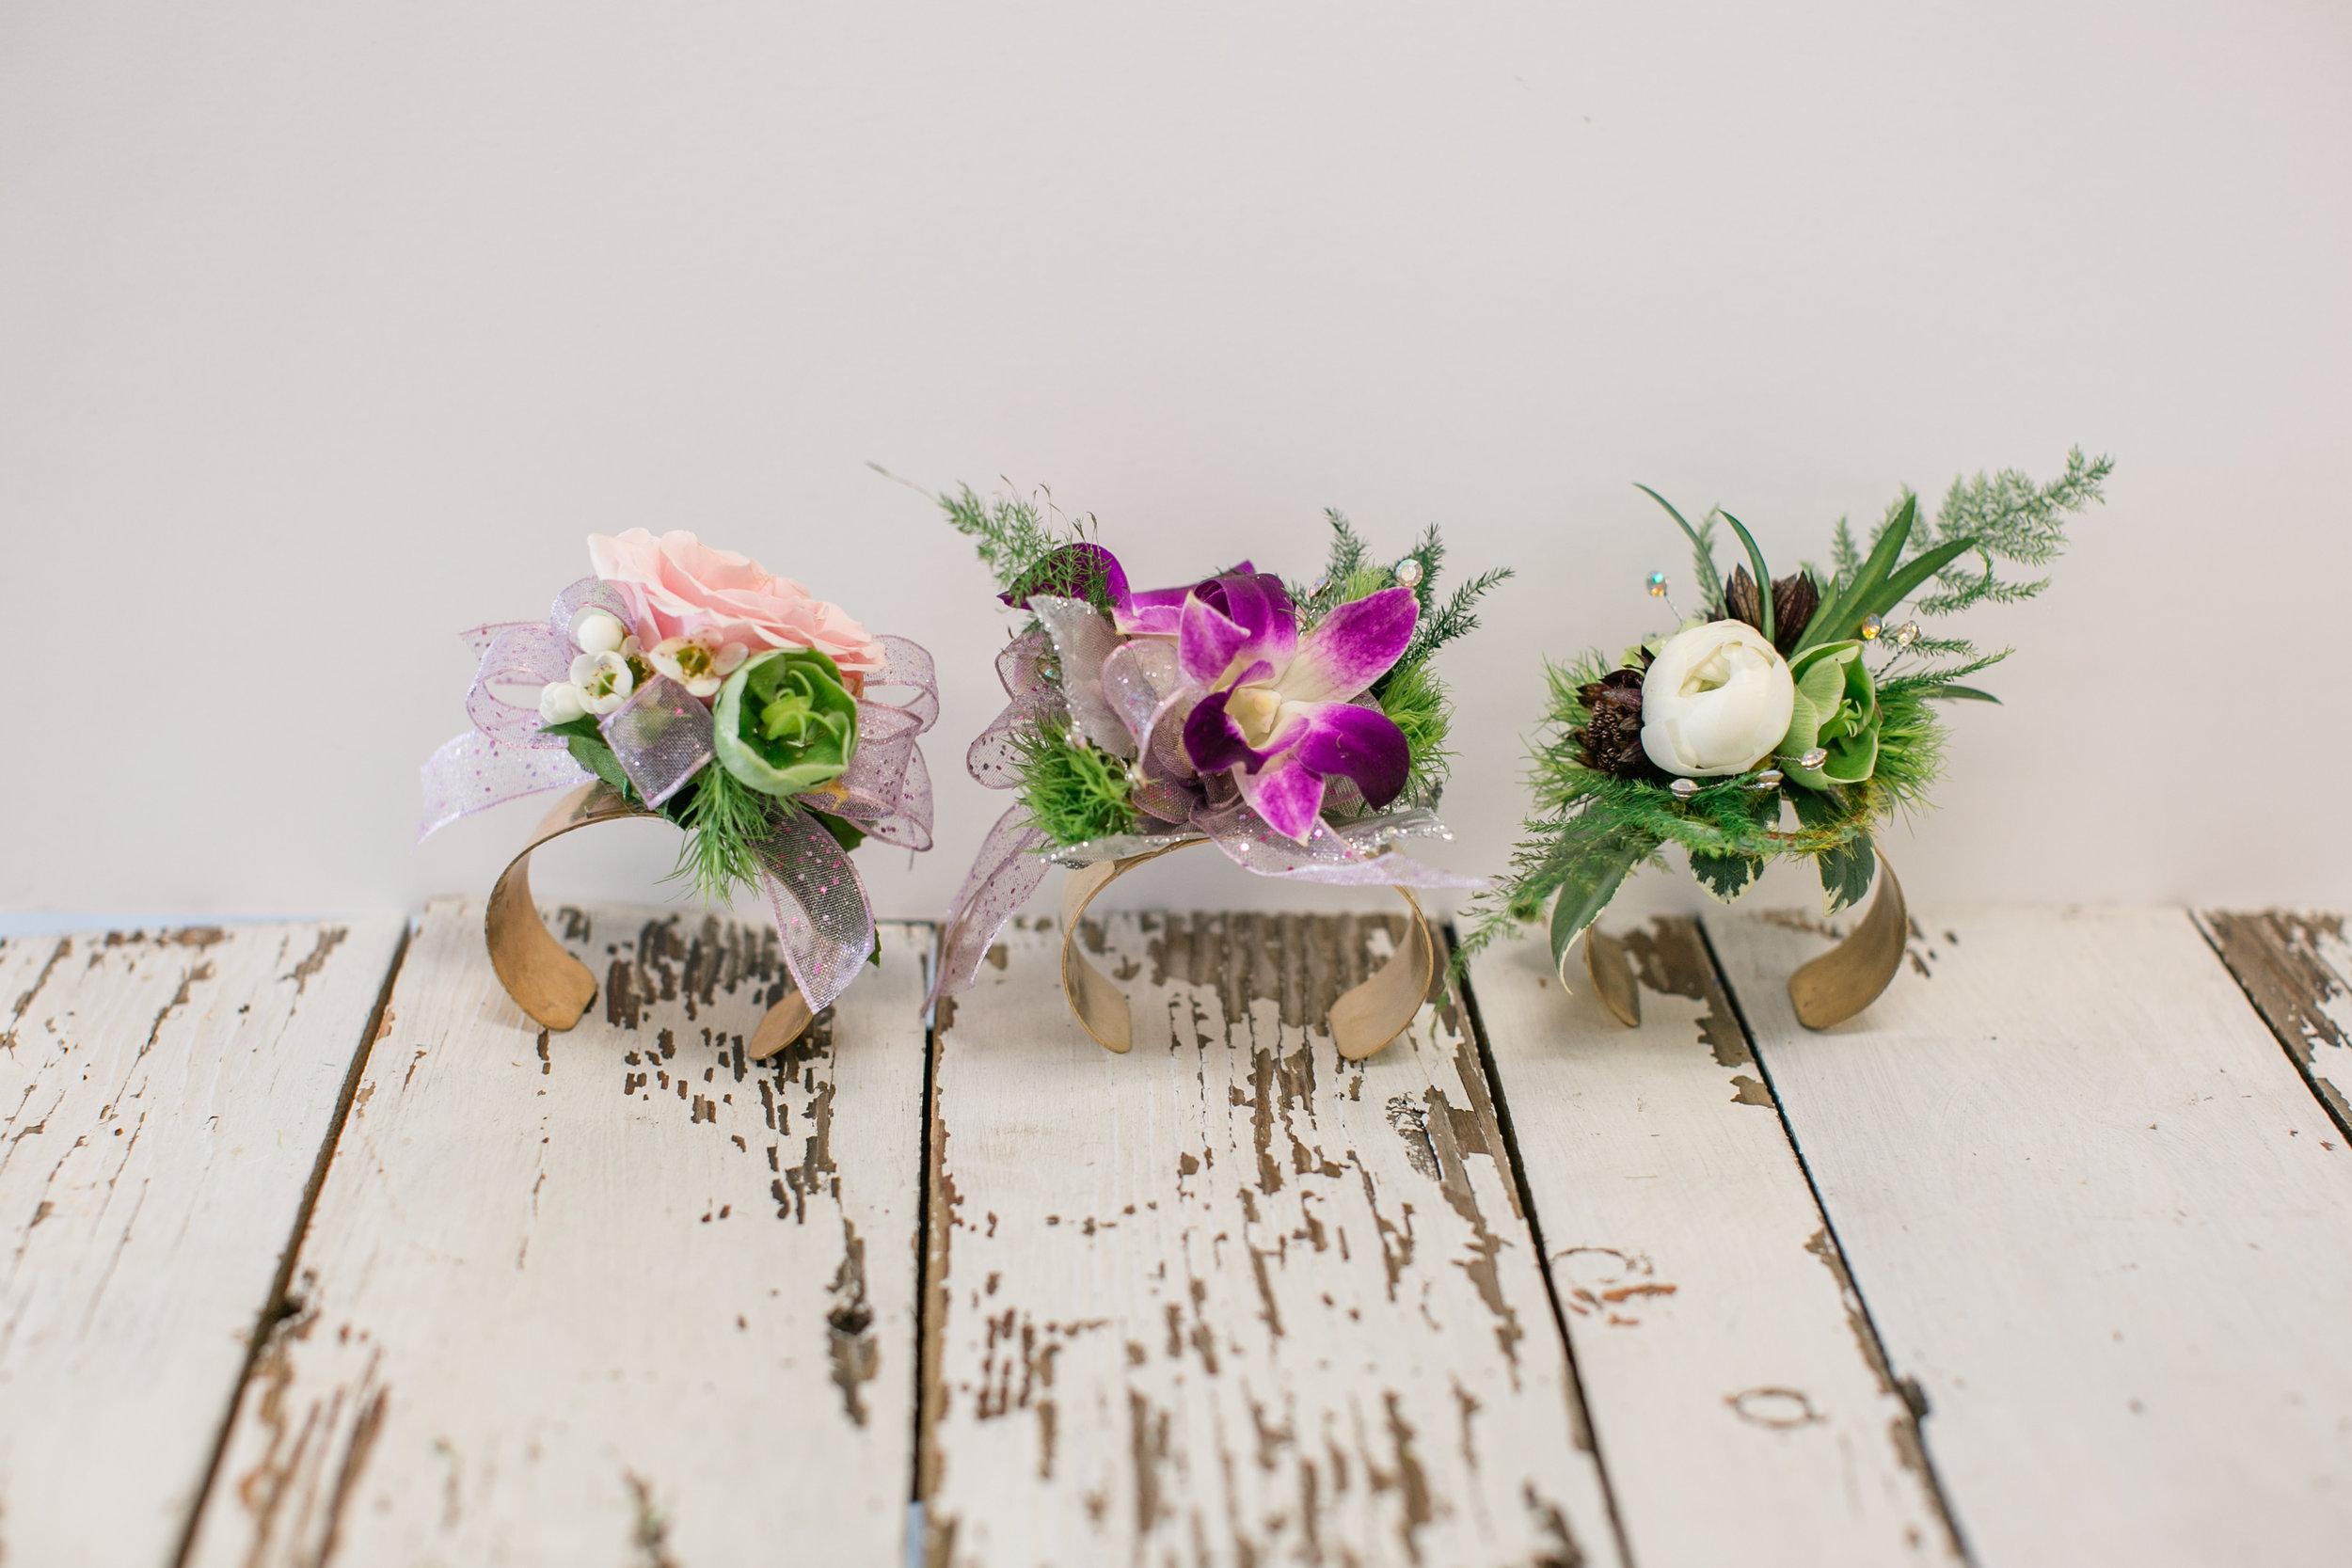 prom corsage bracelet bangle west des moines florist 2019 prom flower ideas